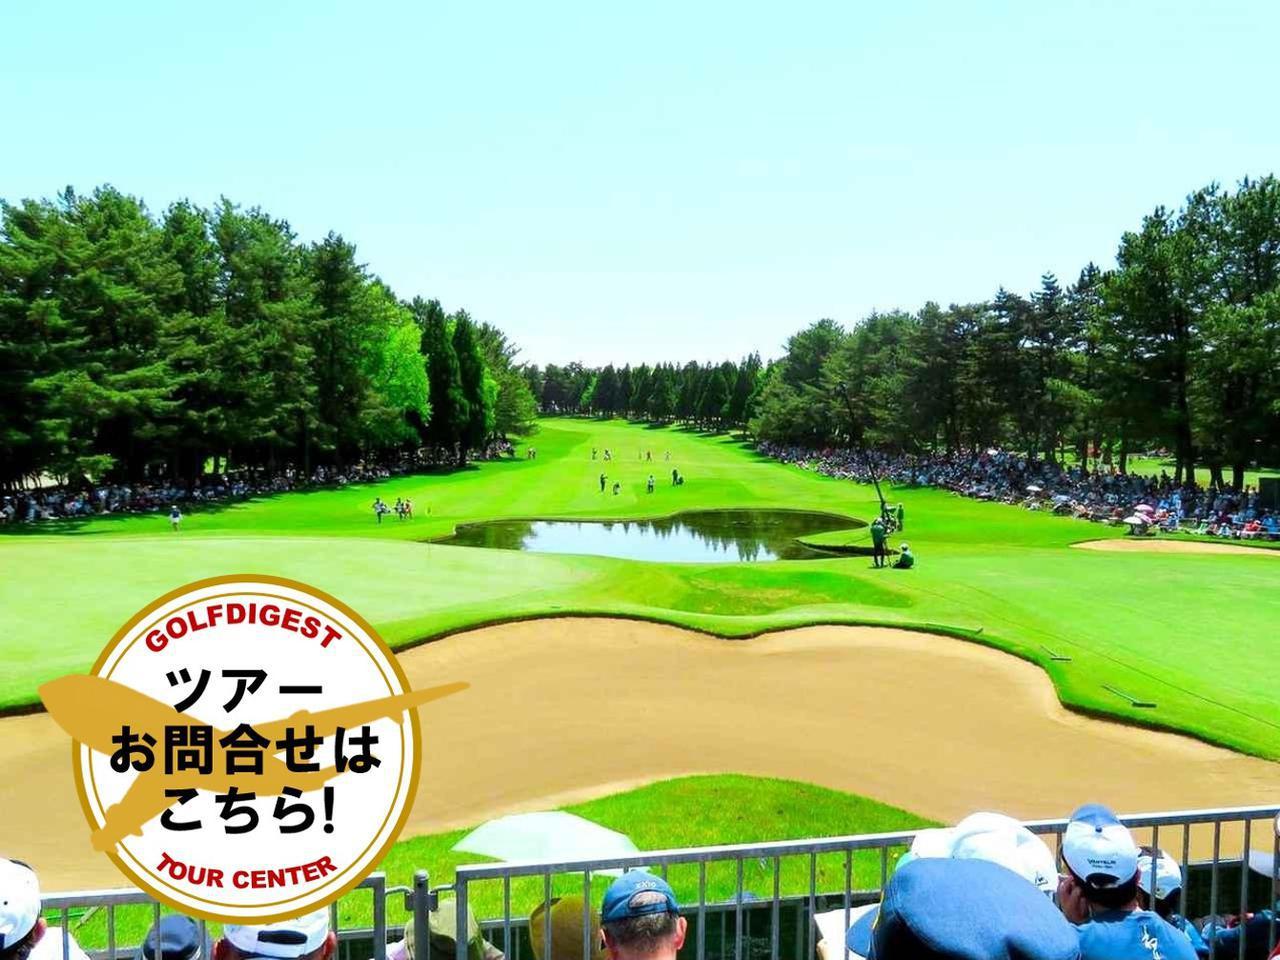 画像: 【九州・熊本】熊本空港CC、くまもと中央CC、トーナメントコースに挑戦 2日間 2プレー - ゴルフへ行こうWEB by ゴルフダイジェスト